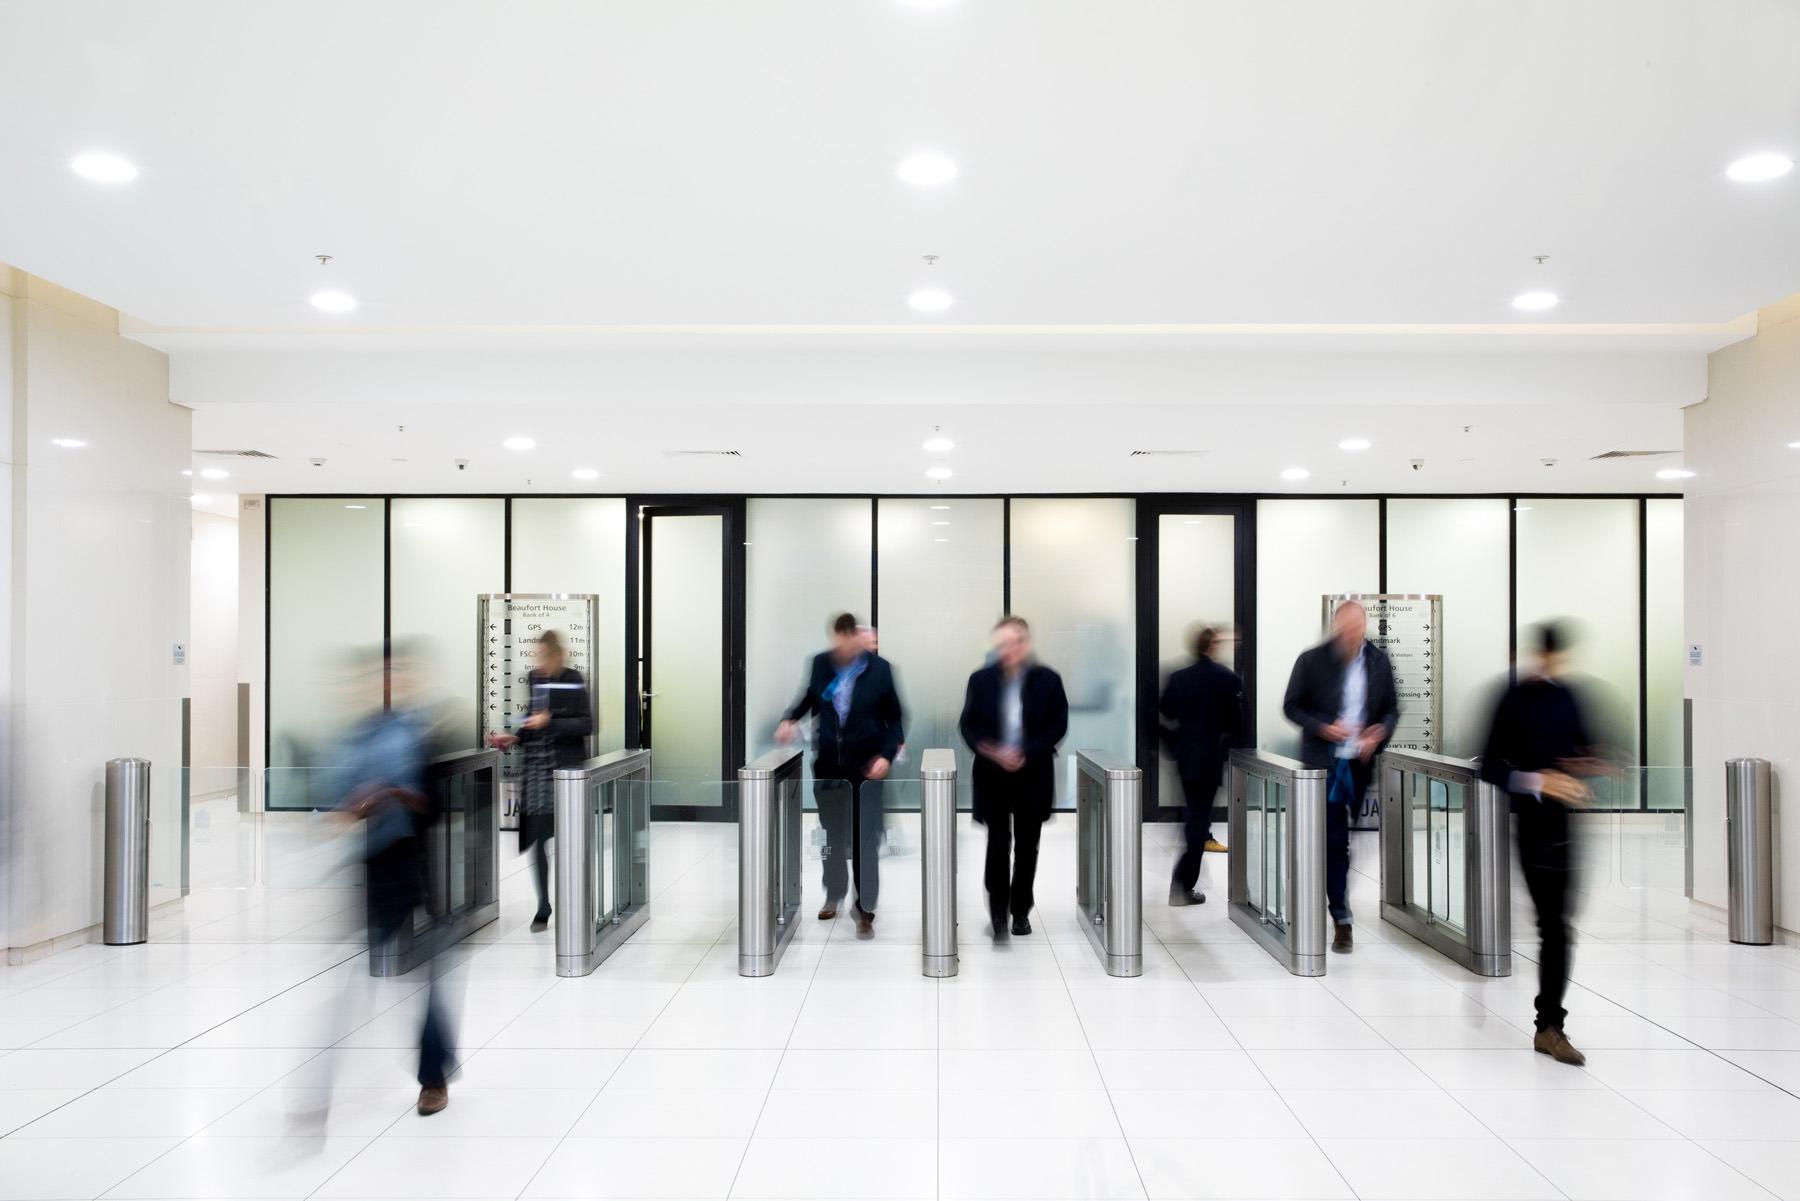 fscs-age-friendly-employer-renegade-generation-foyer-barriers.jpg